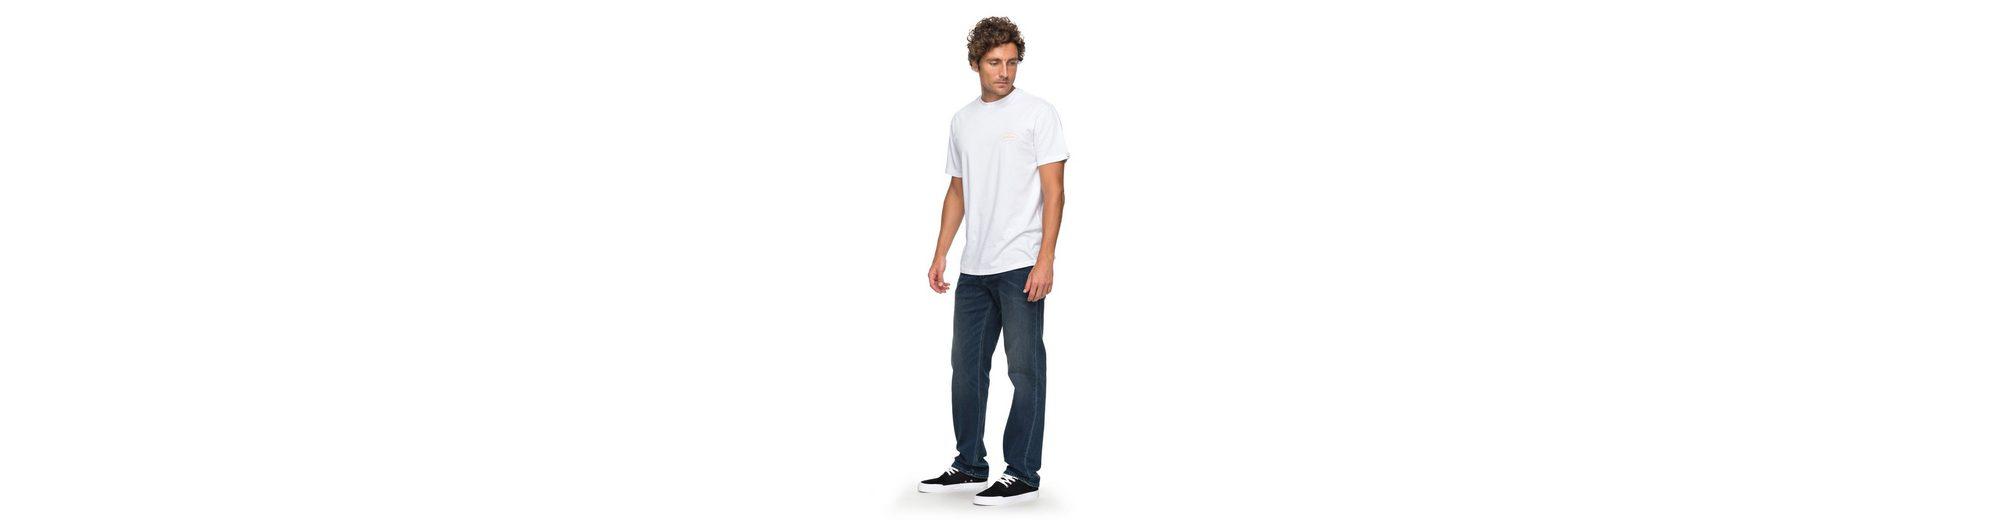 Brandneue Unisex Online Mit Mastercard Quiksilver Regular Fit Jeans Sequel Neo Elder Günstig Kaufen Gefälschte Perfekt d5L53ql